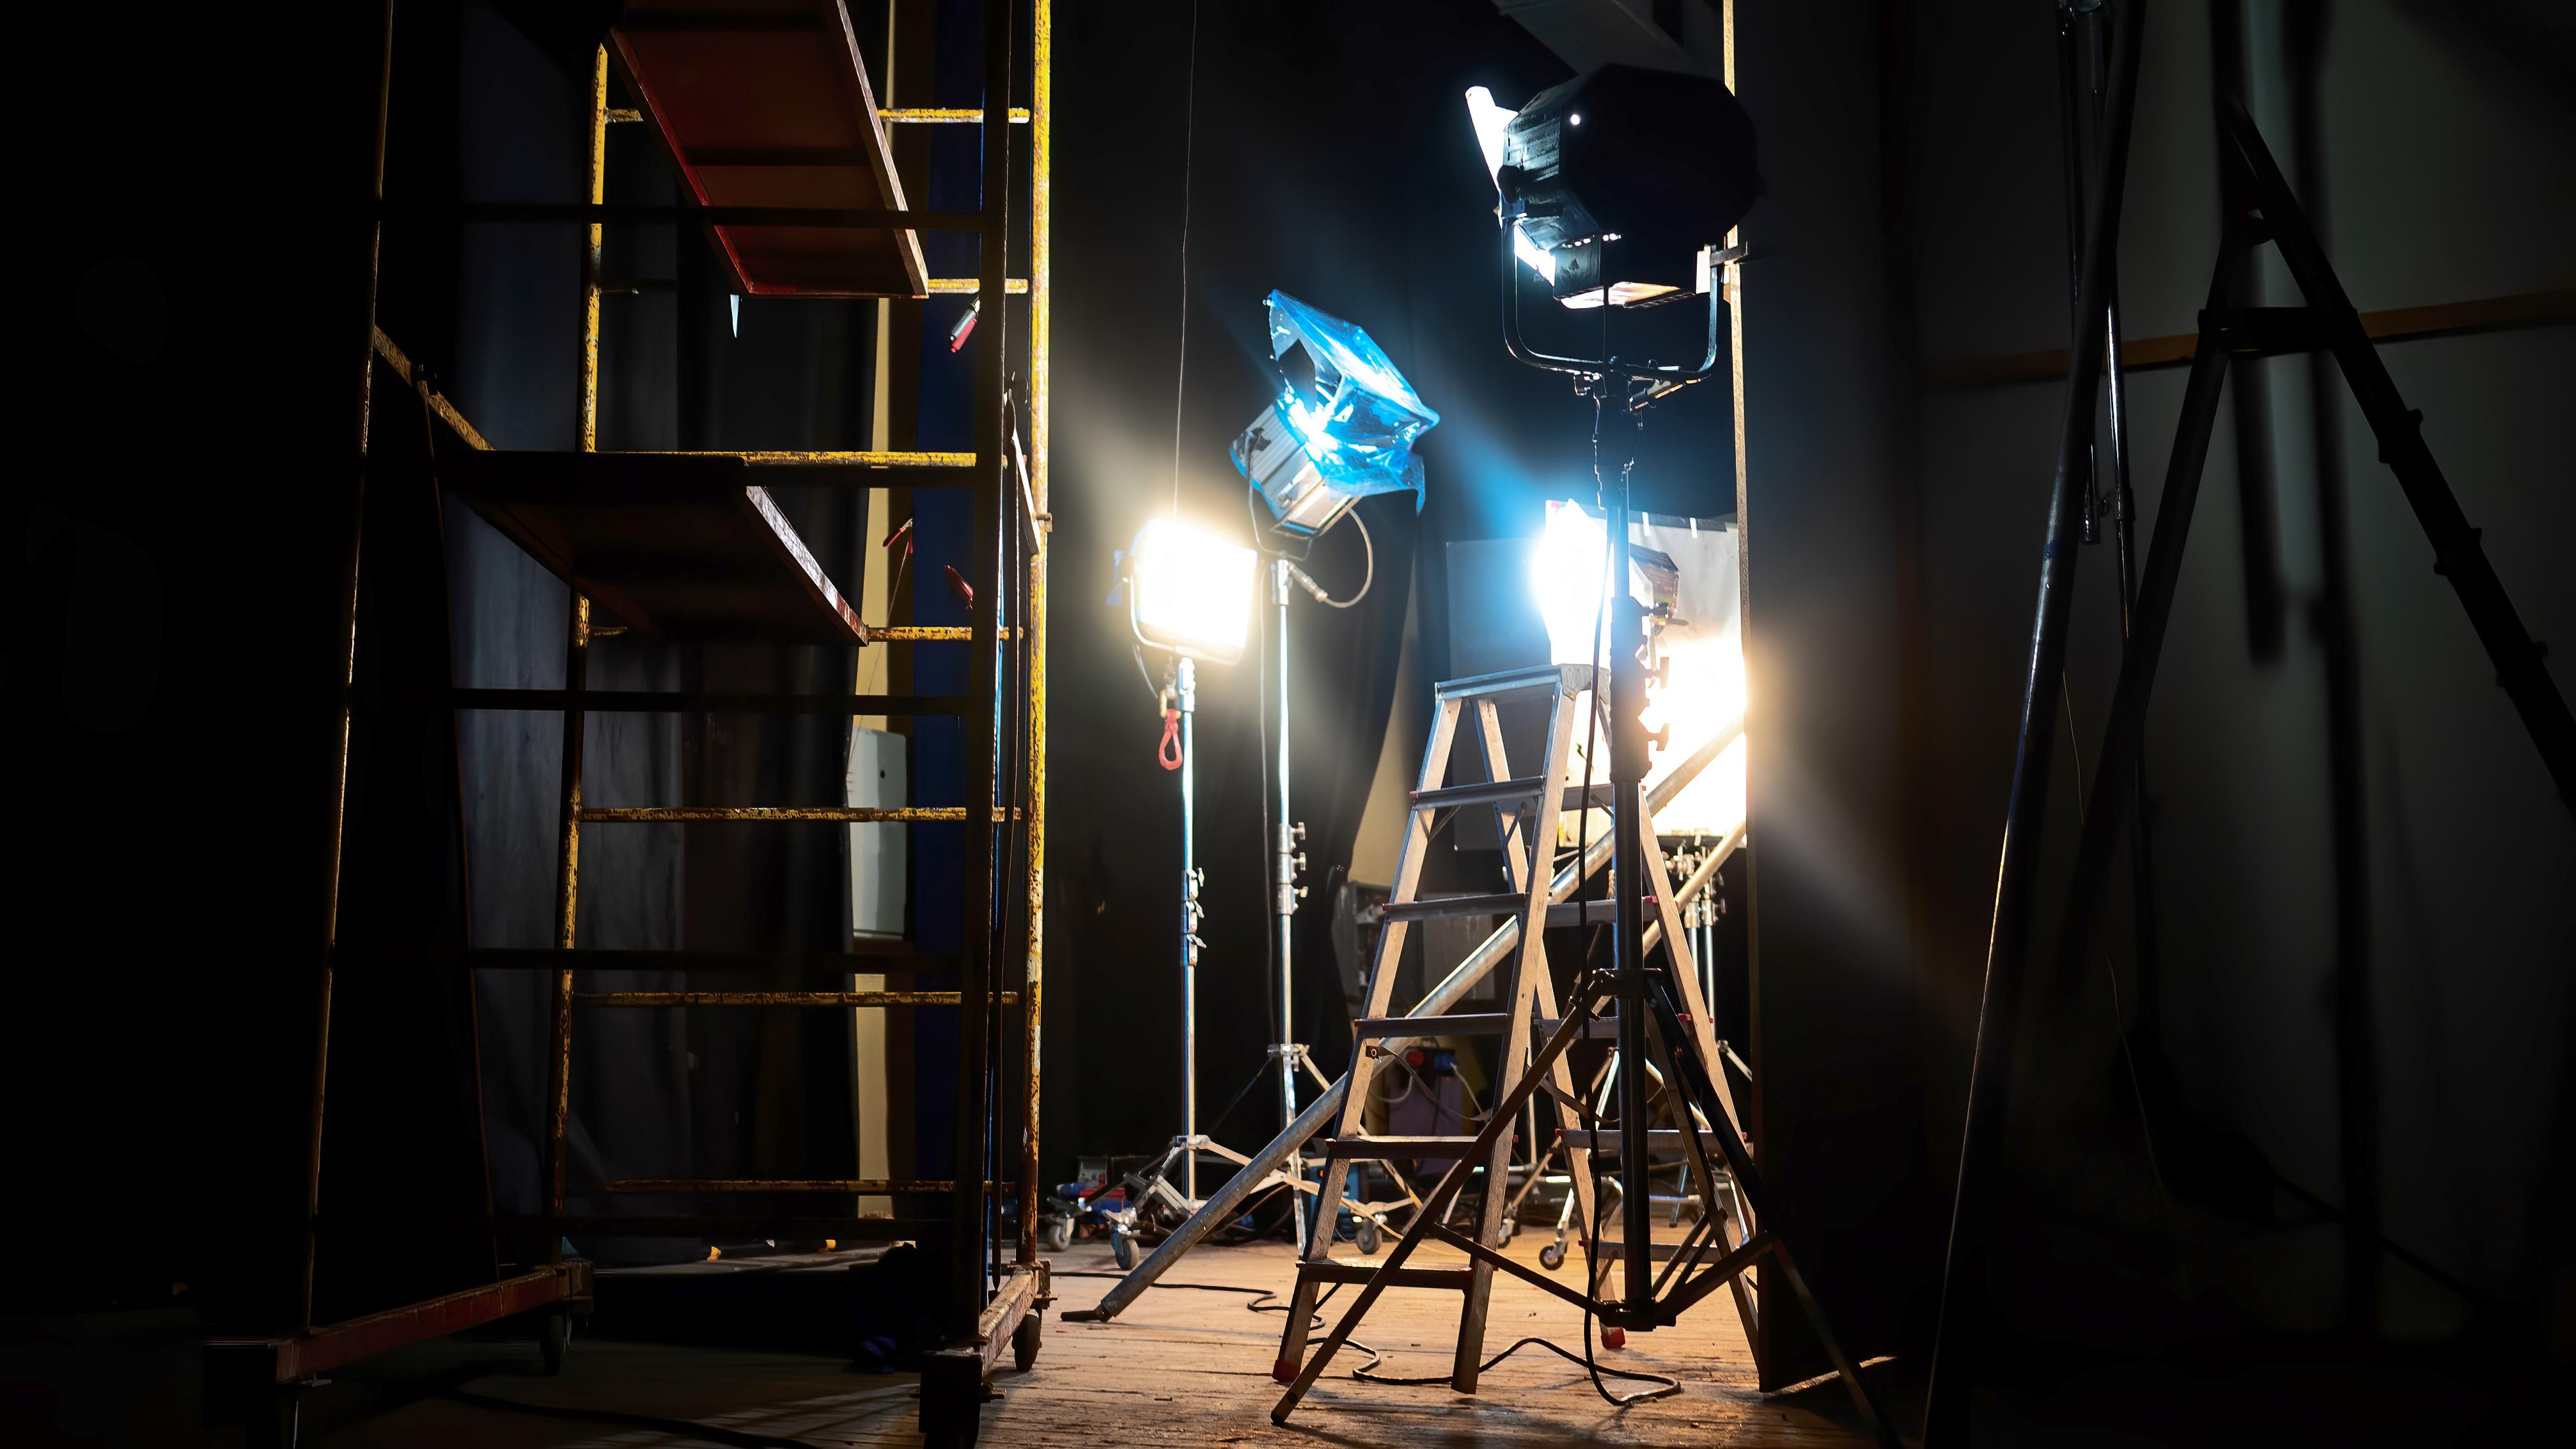 ทนศ213 วิทยุและโทรทัศน์ดิจิทัลเพื่อการศึกษา